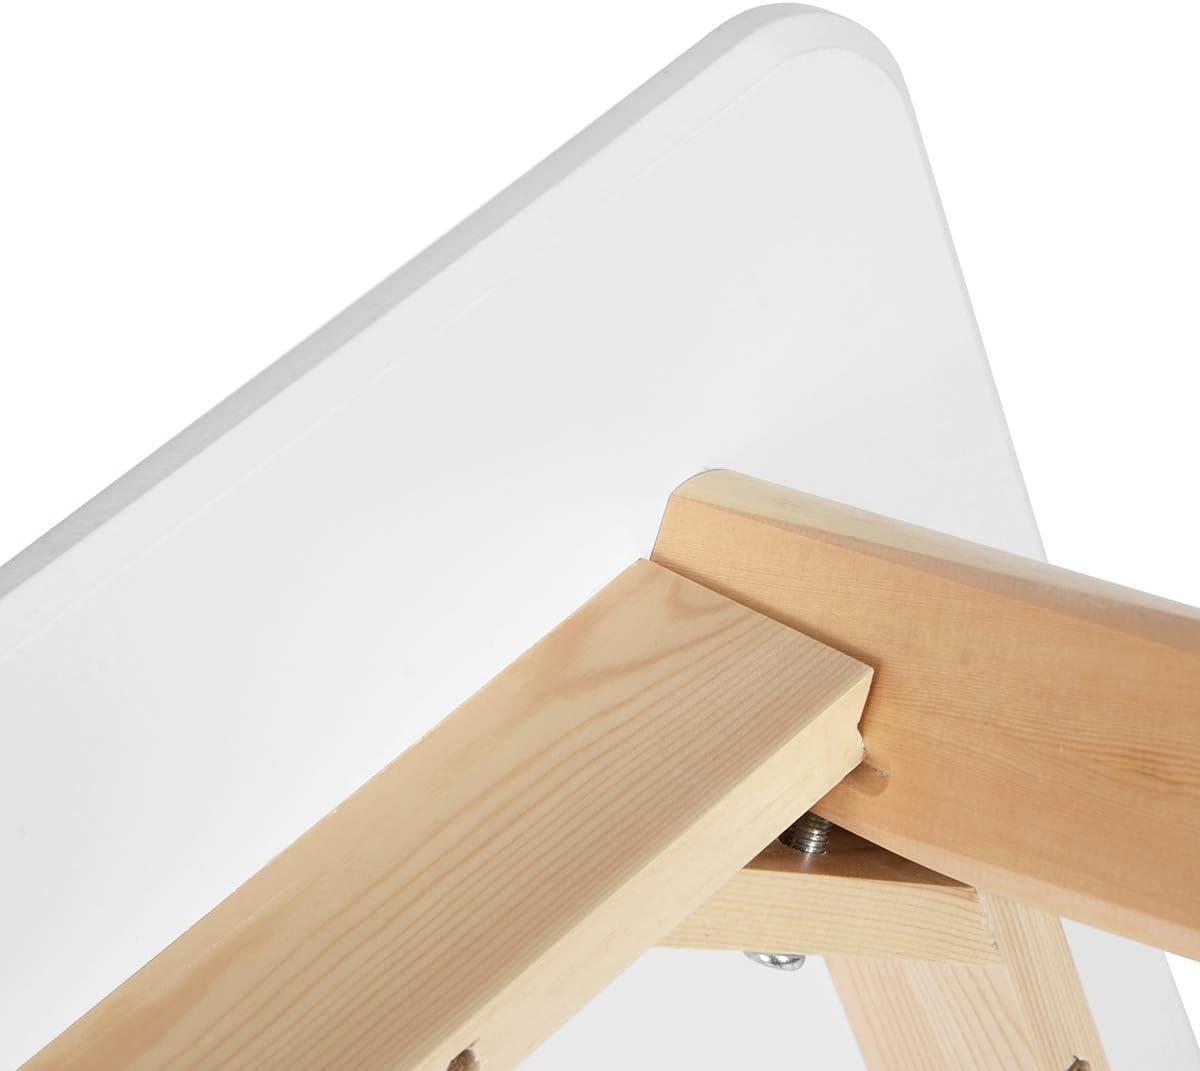 HOMYCASA Tavolo quadrato moderno tavolo da pranzo 80 cm cucina sala da pranzo mobili per 4 persone legno bianco